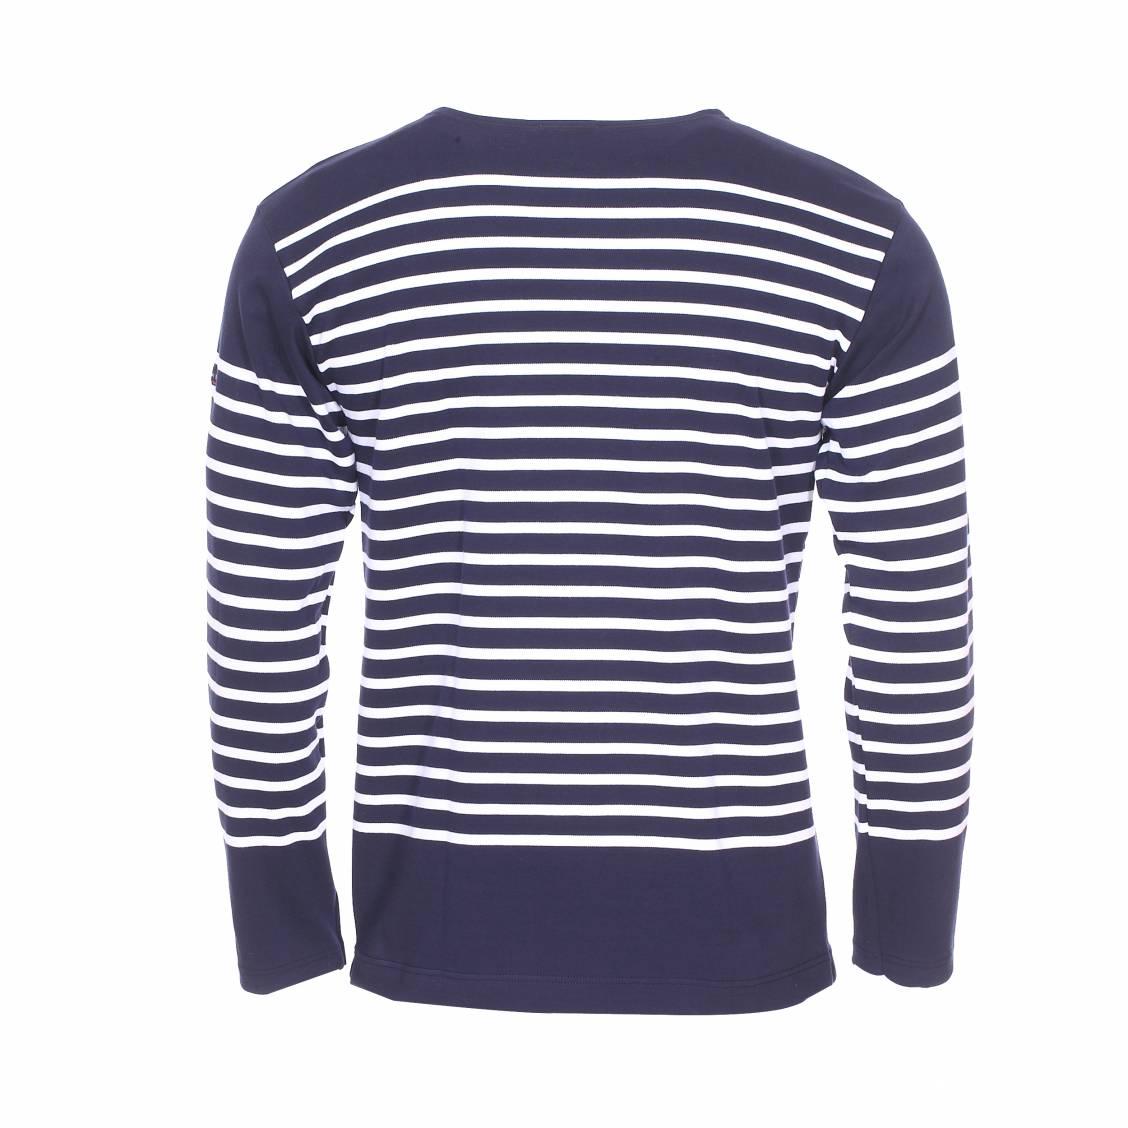 chaussure prix favorable San Francisco Marinière Armor Lux Amiral en coton bleu marine à rayures blanches | Rue  Des Hommes